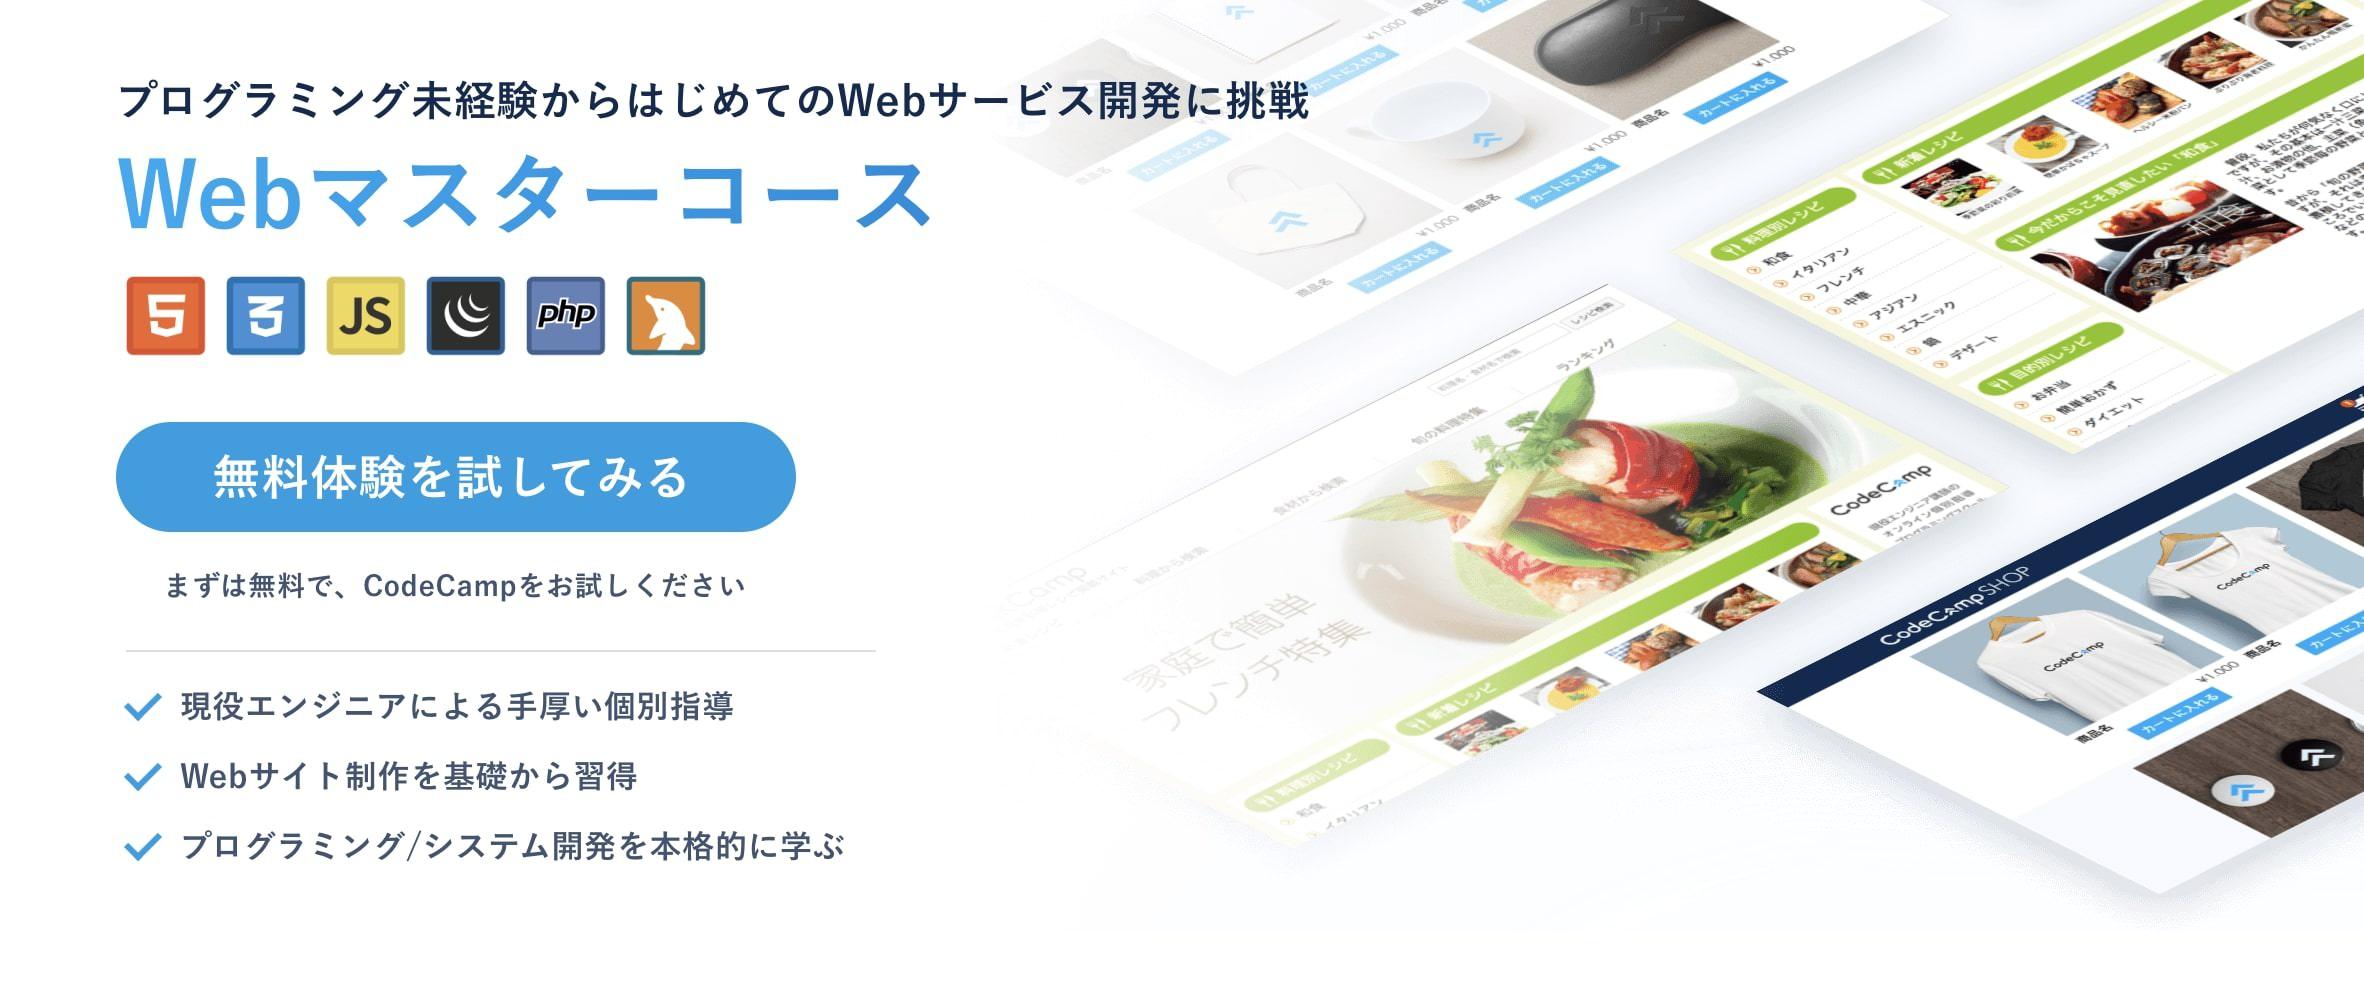 CodeCampWebマスターコーストップページ